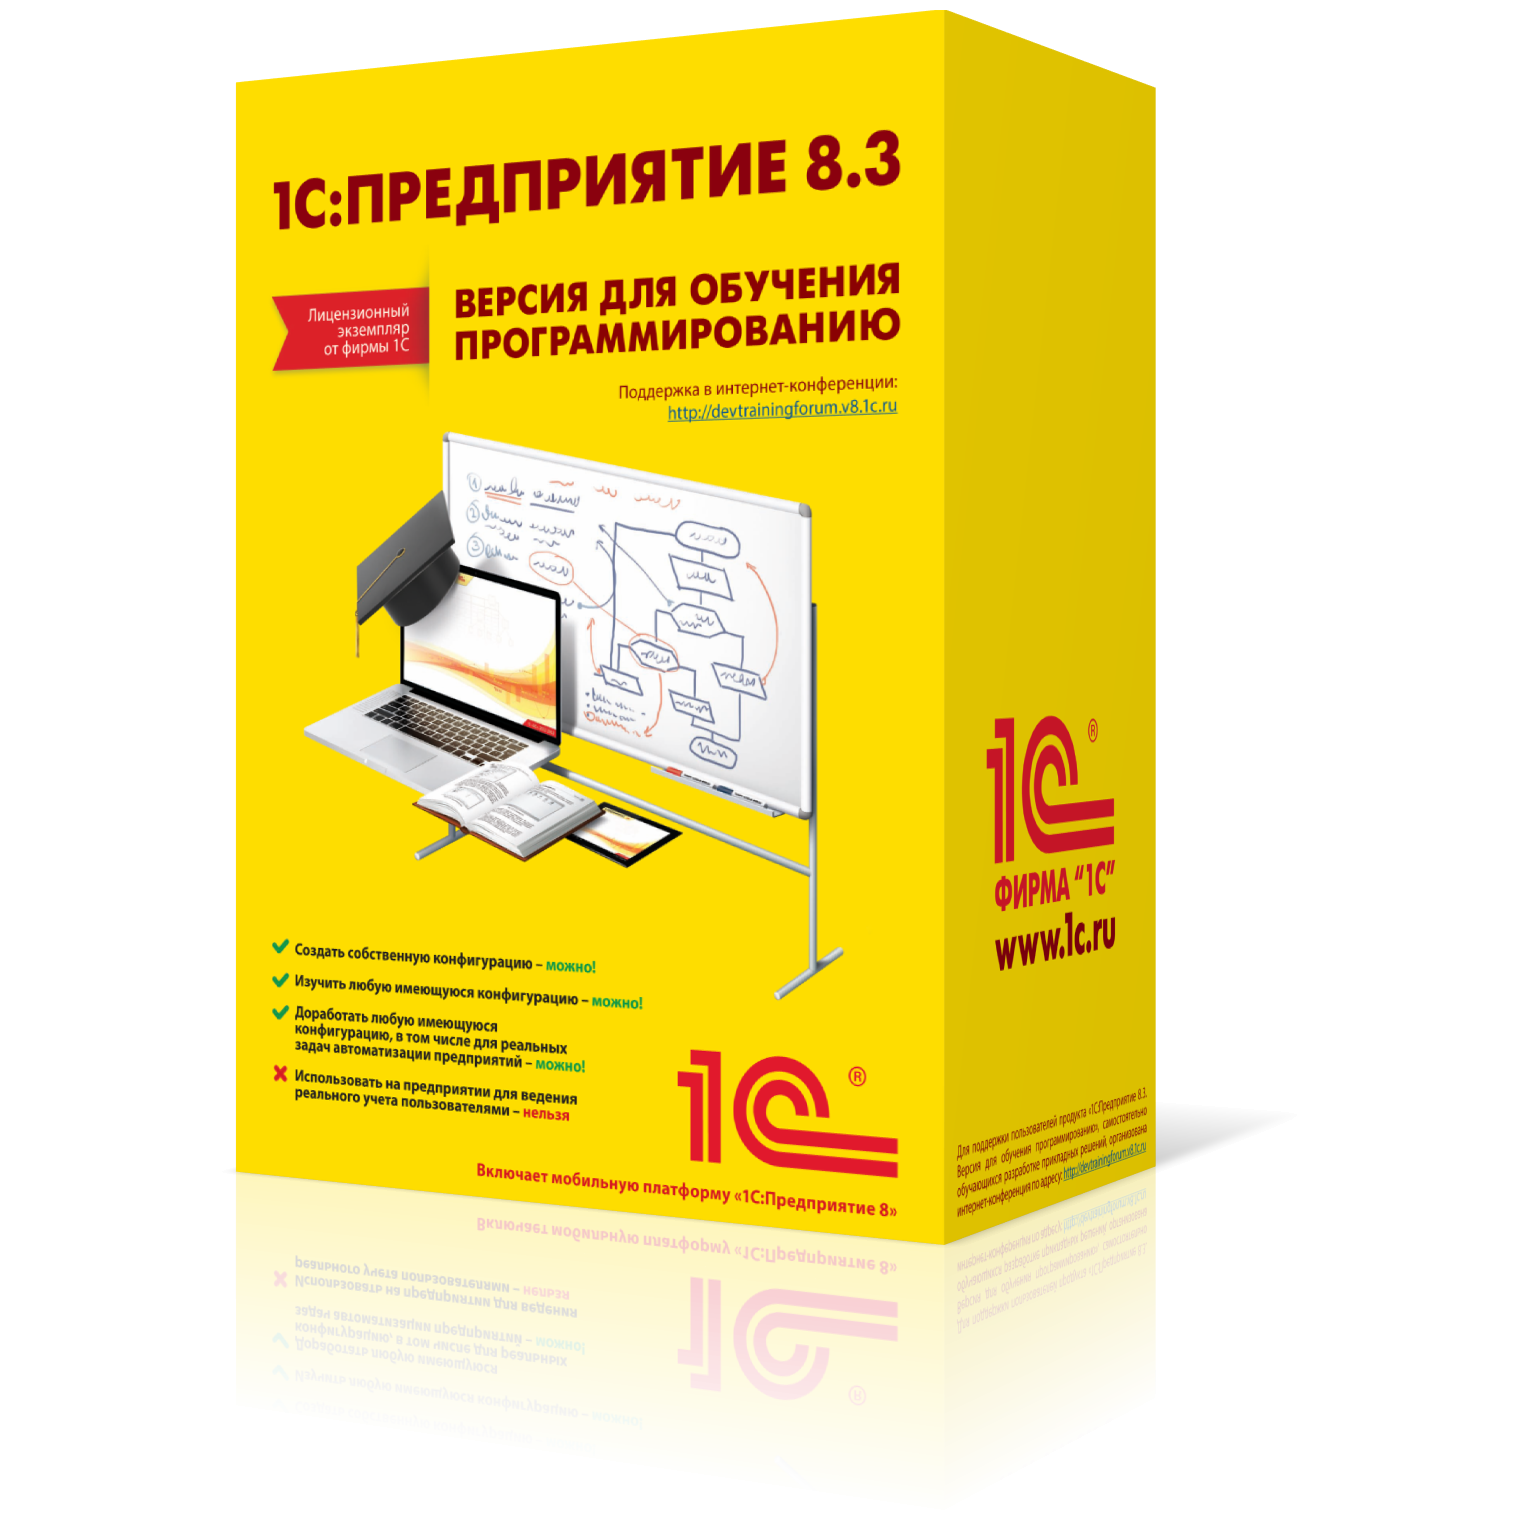 Versiya_obych_program_right_s_otr.png